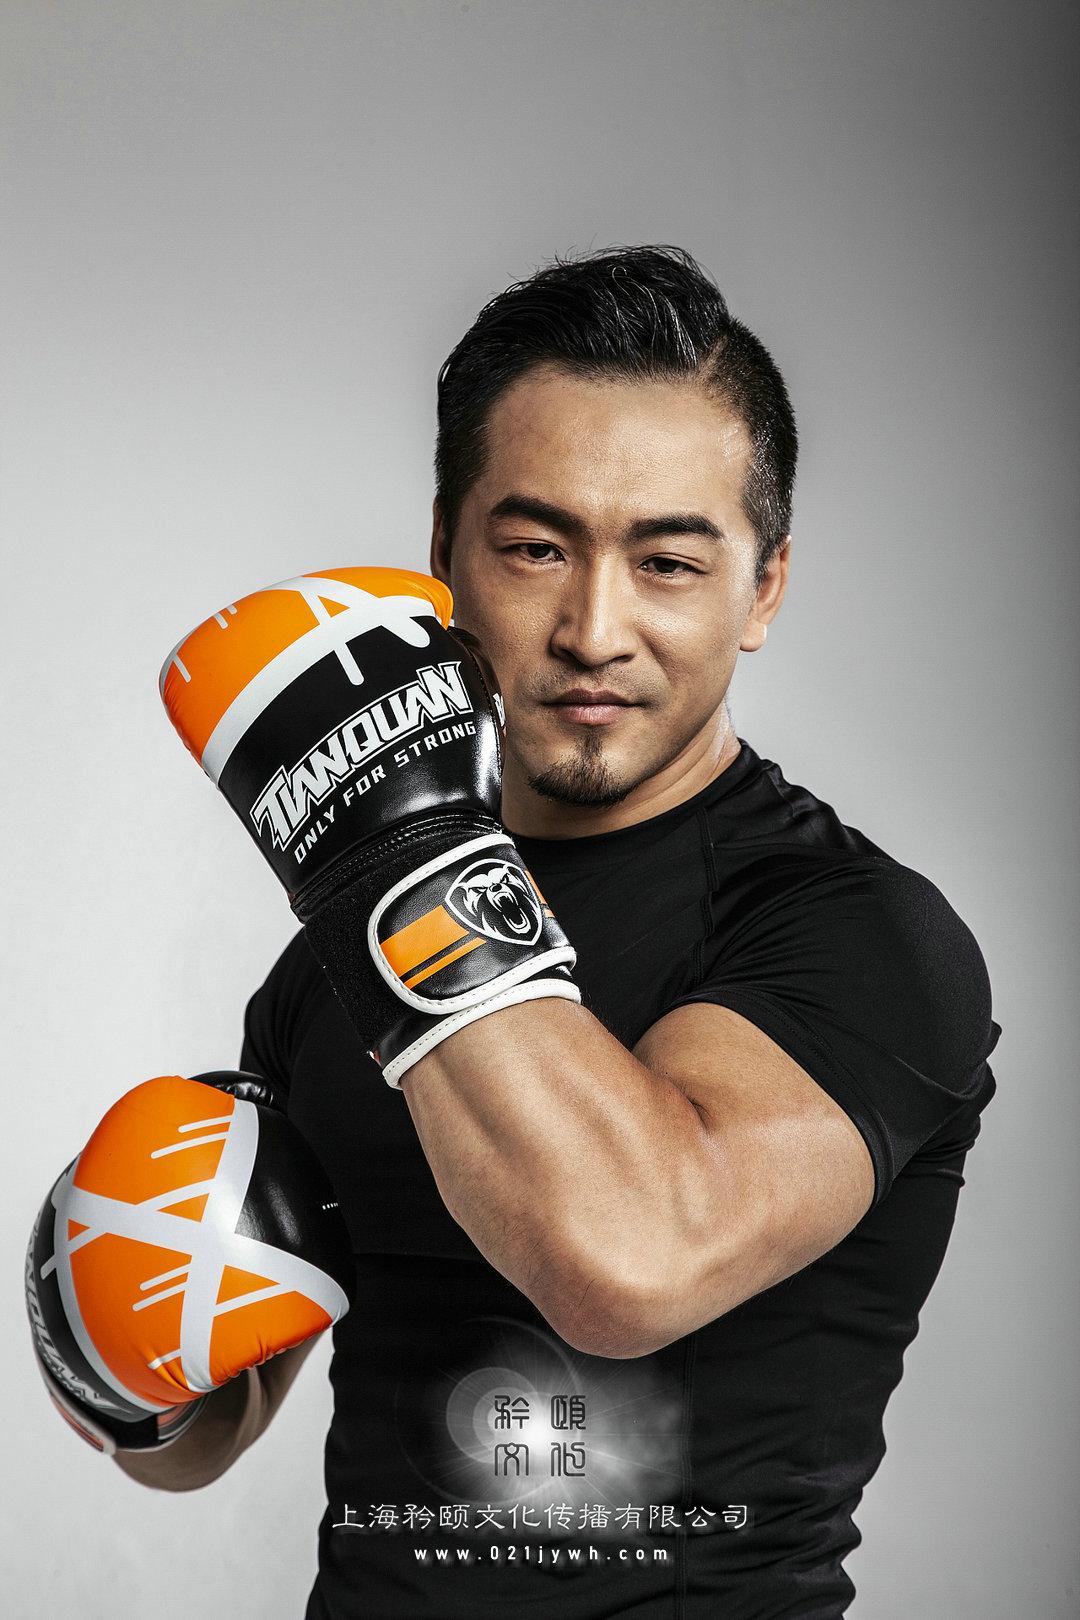 肌肉健身男模